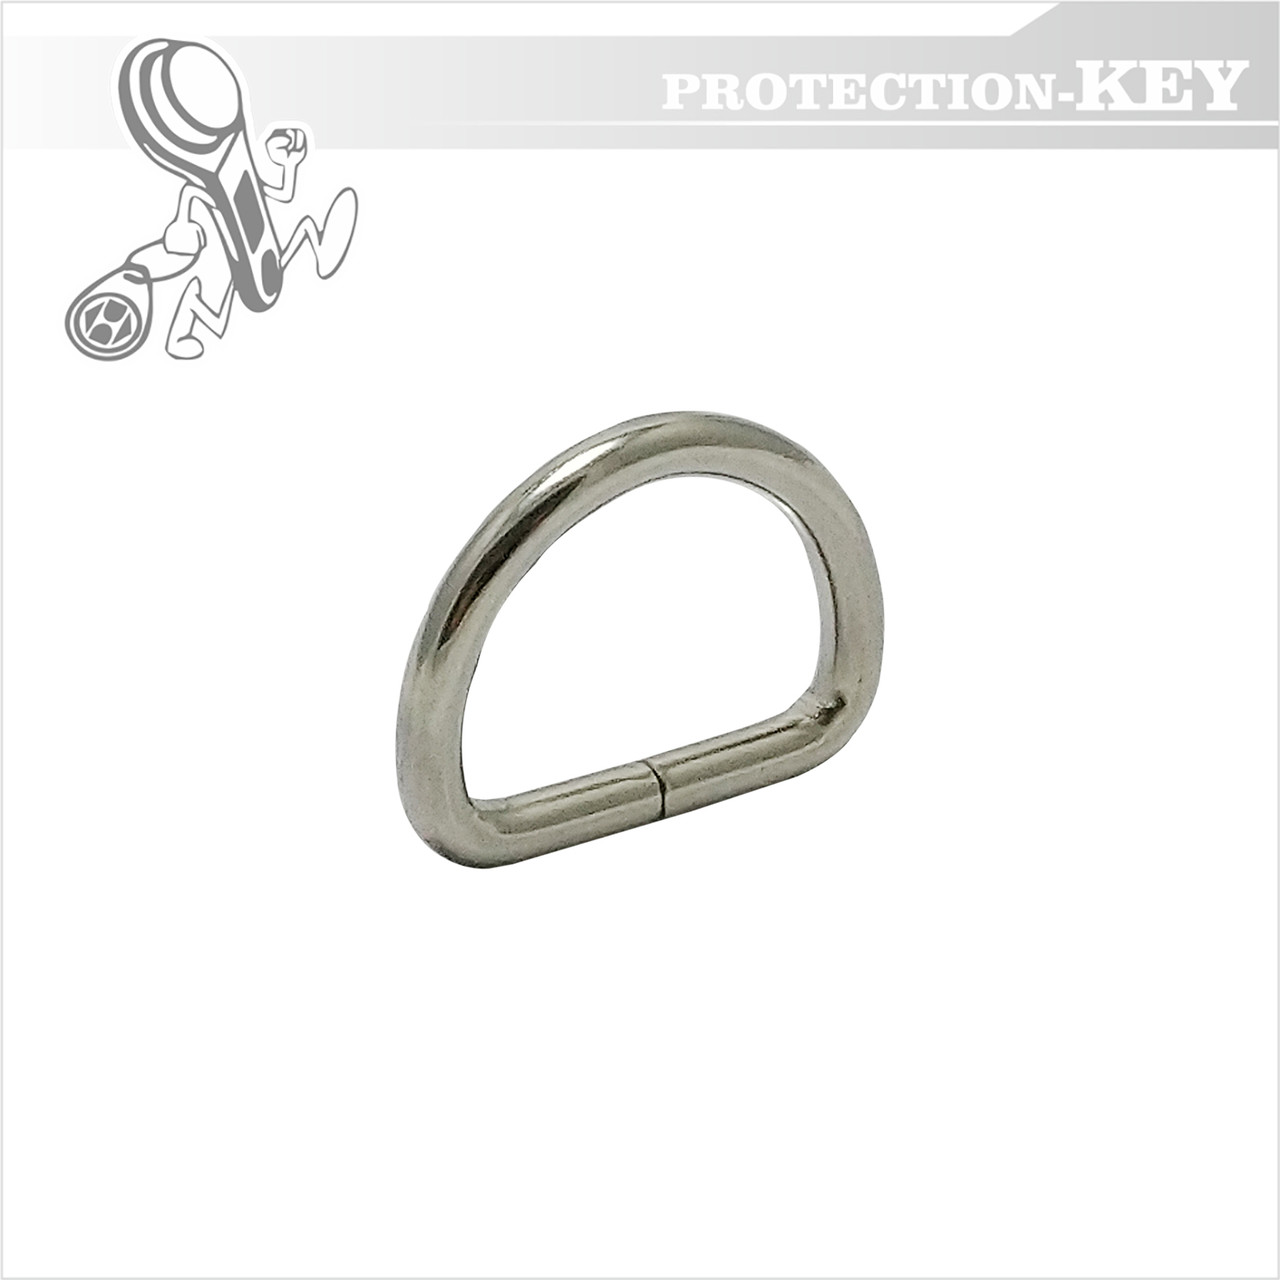 Півкільце металеве 20 * 13 * 3,5 мм